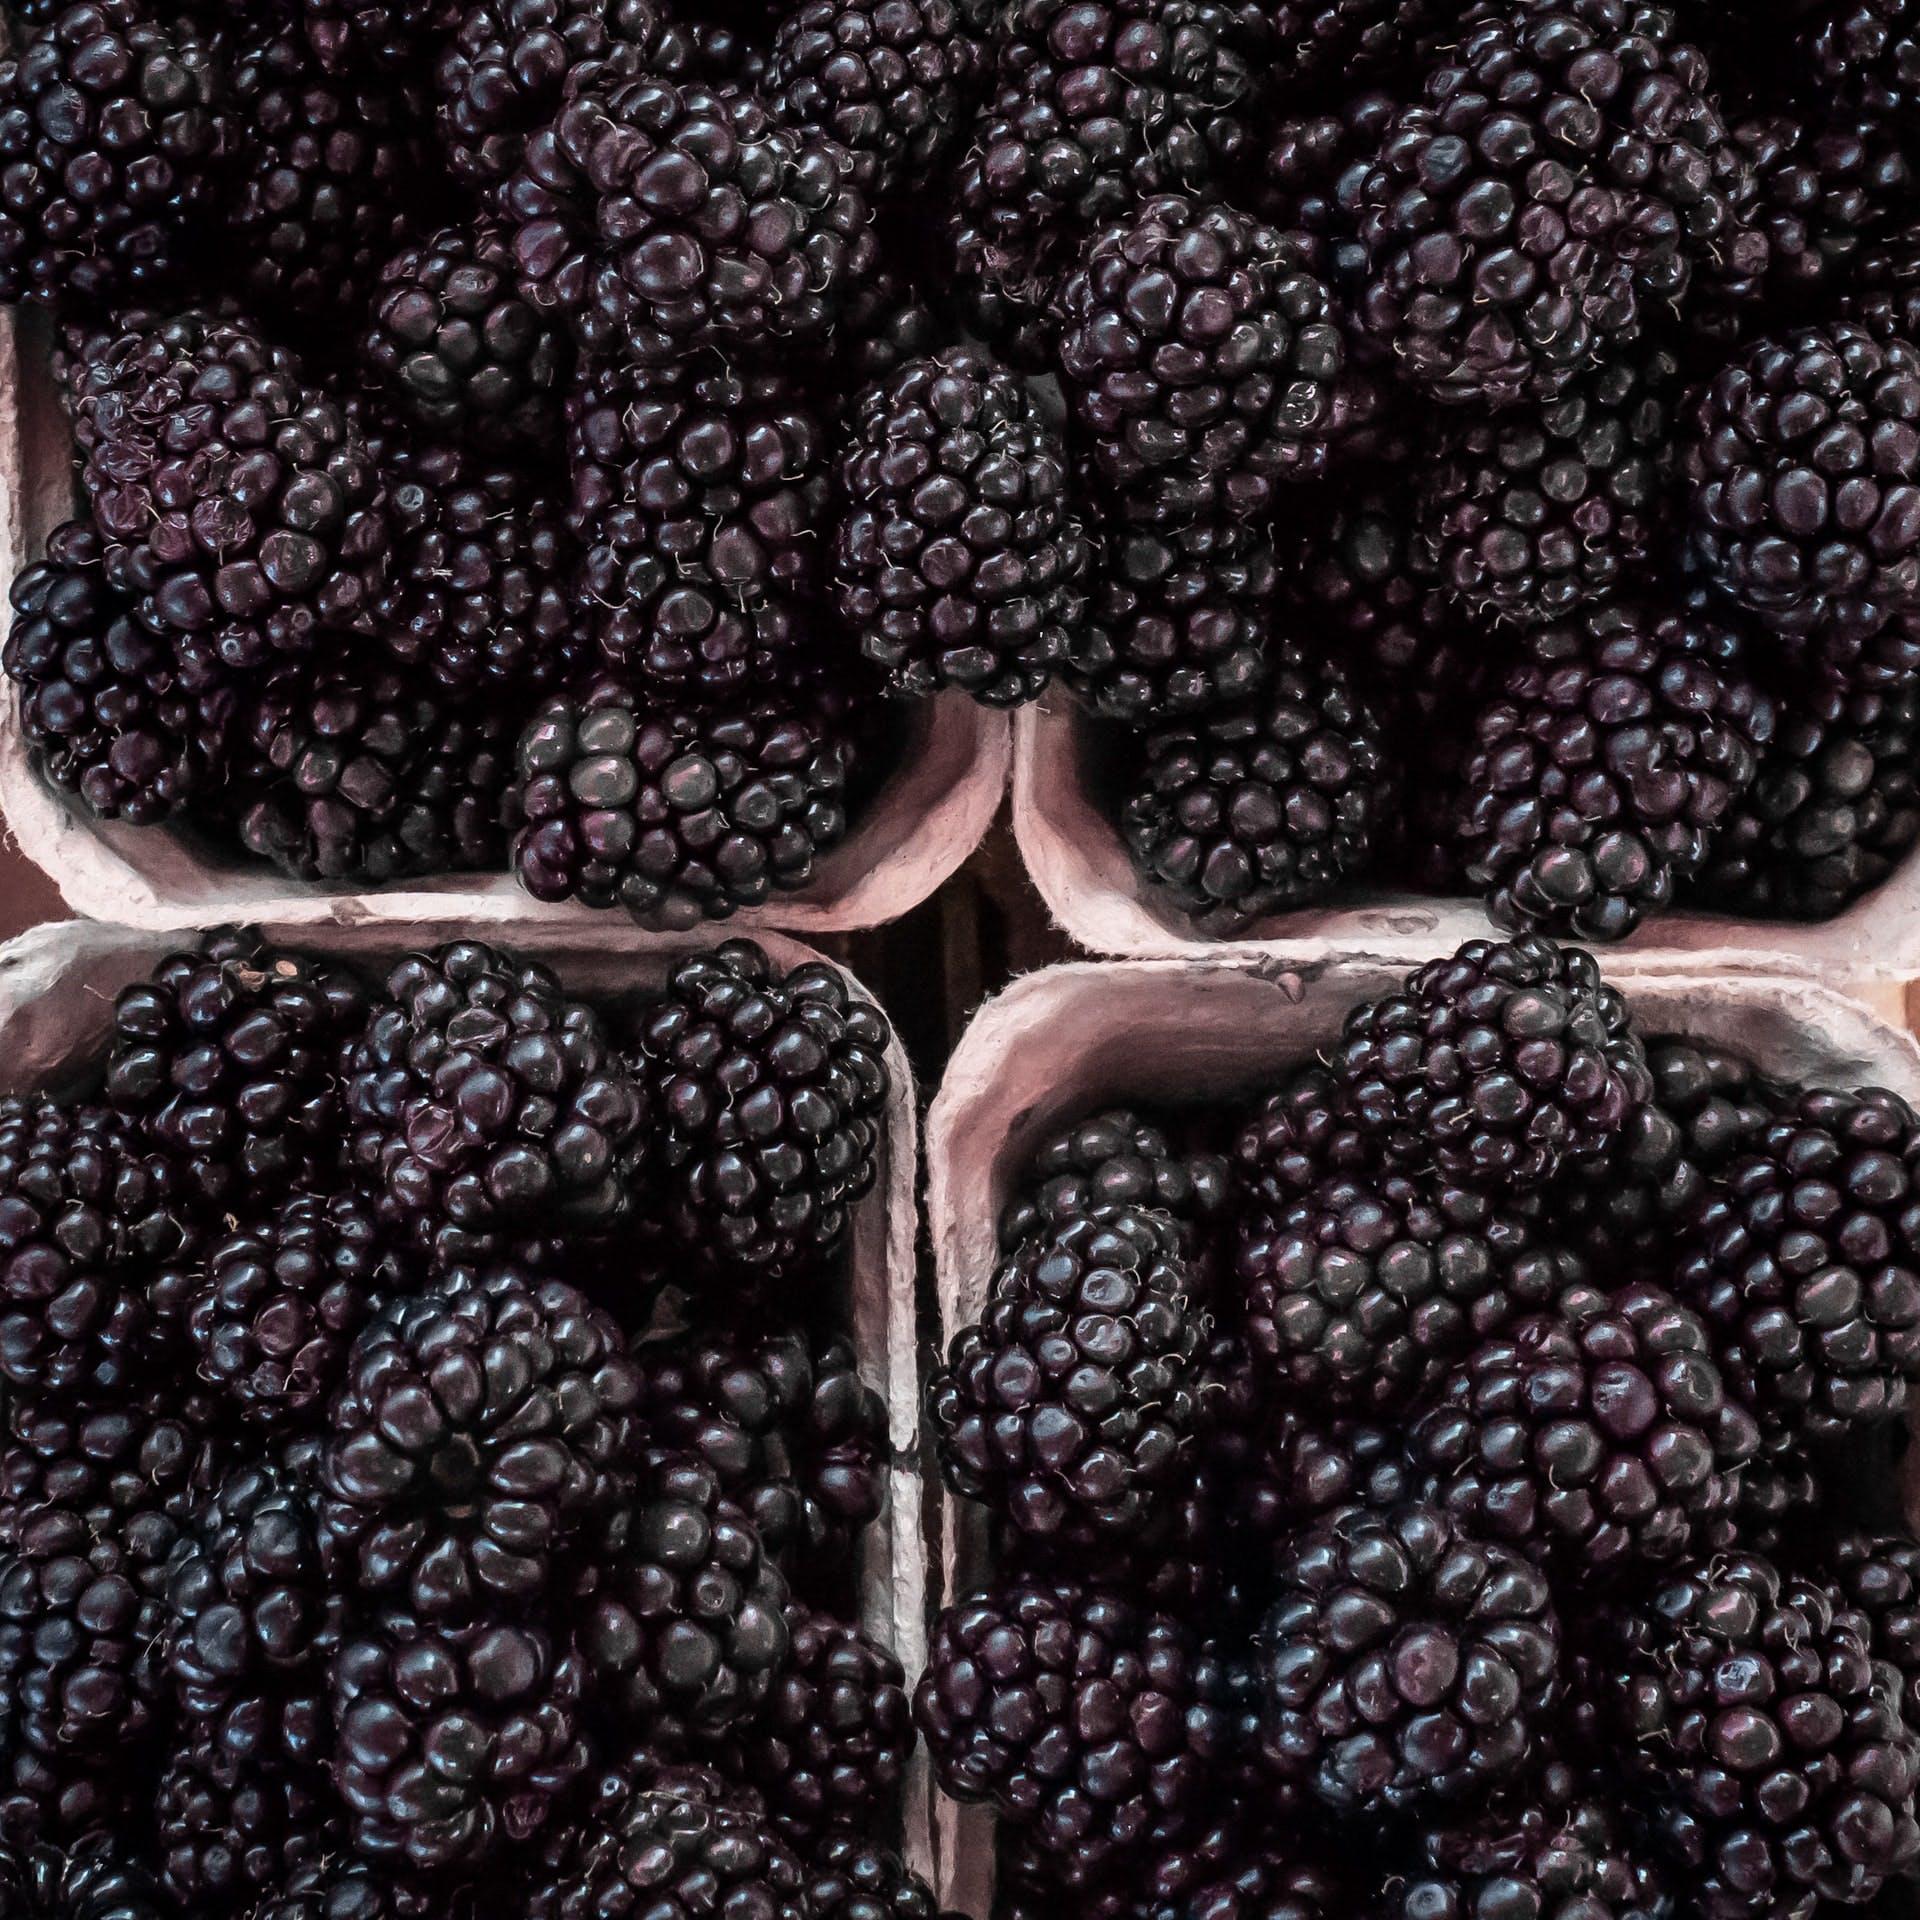 punets of fresh blackberries